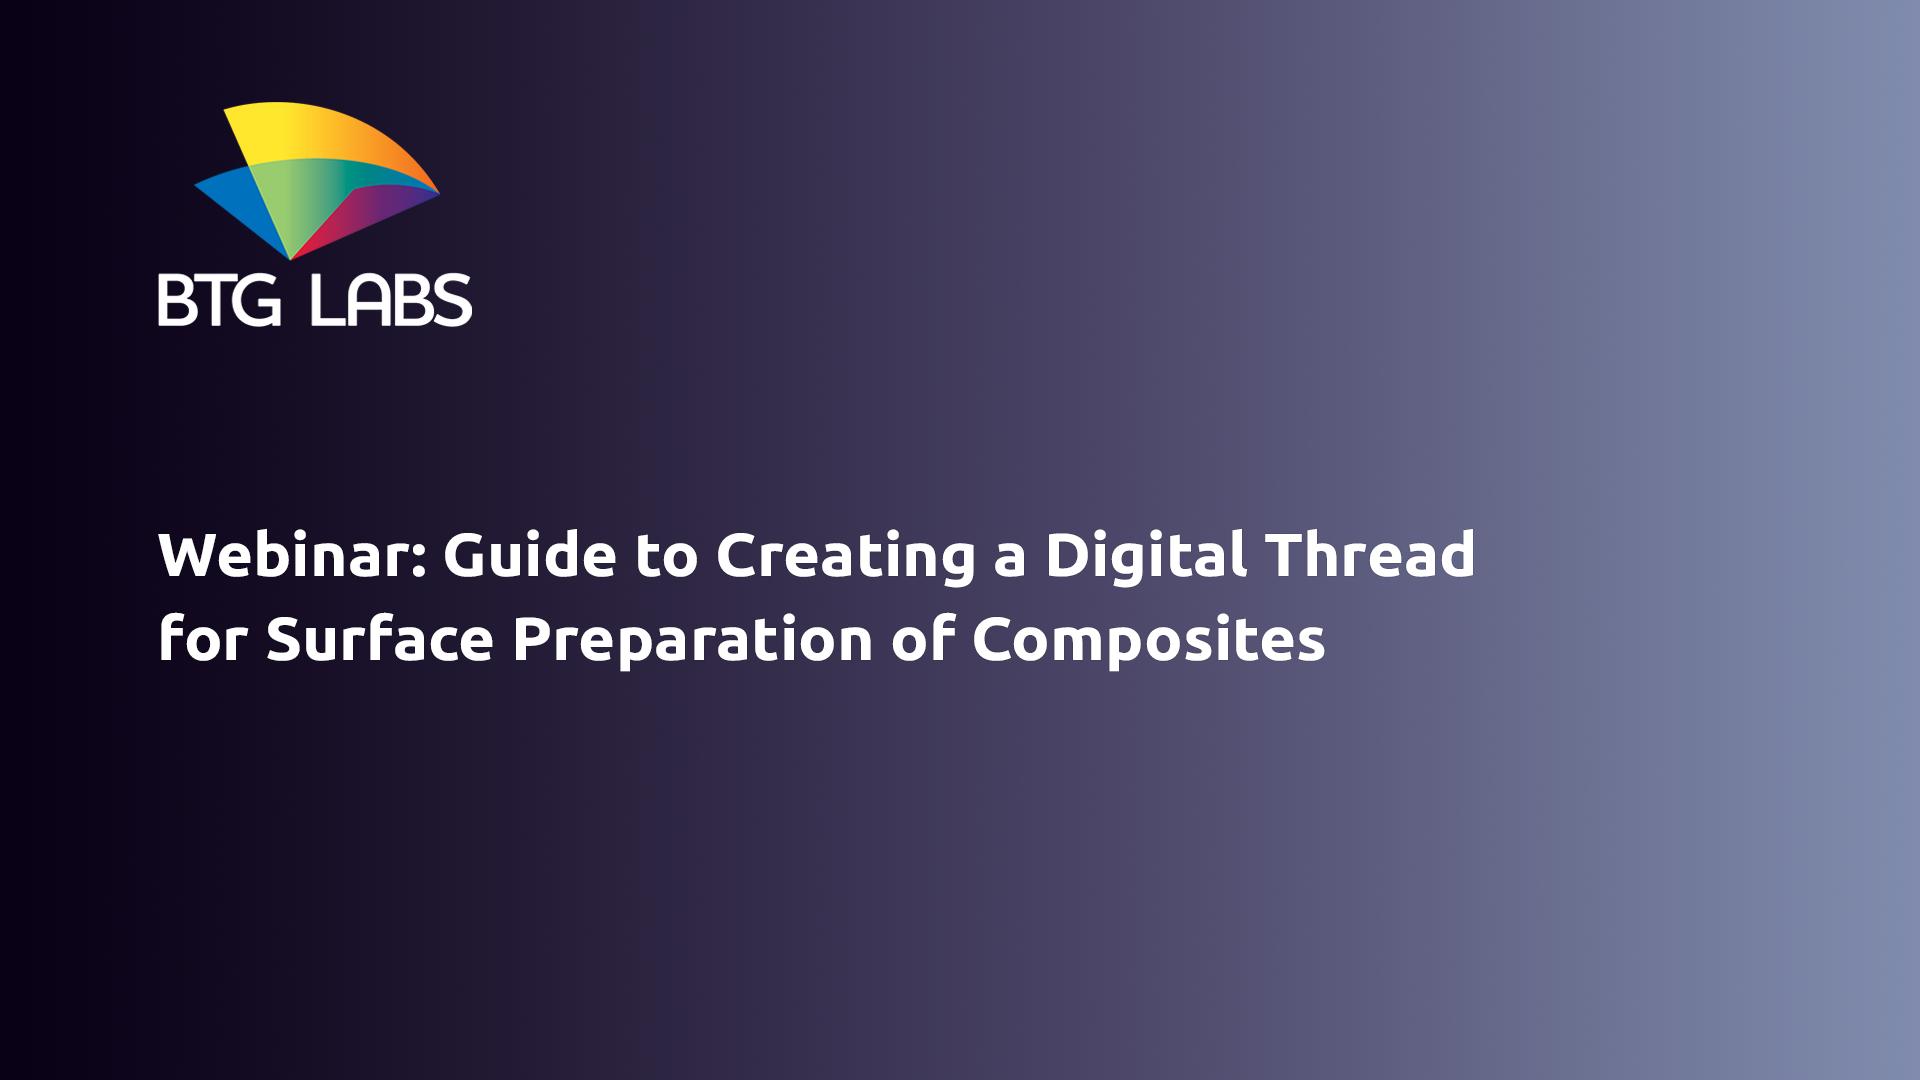 指南 - 创建 -  A-Digital-Theel-For-For-Surface-ression-of Composites-Webinar